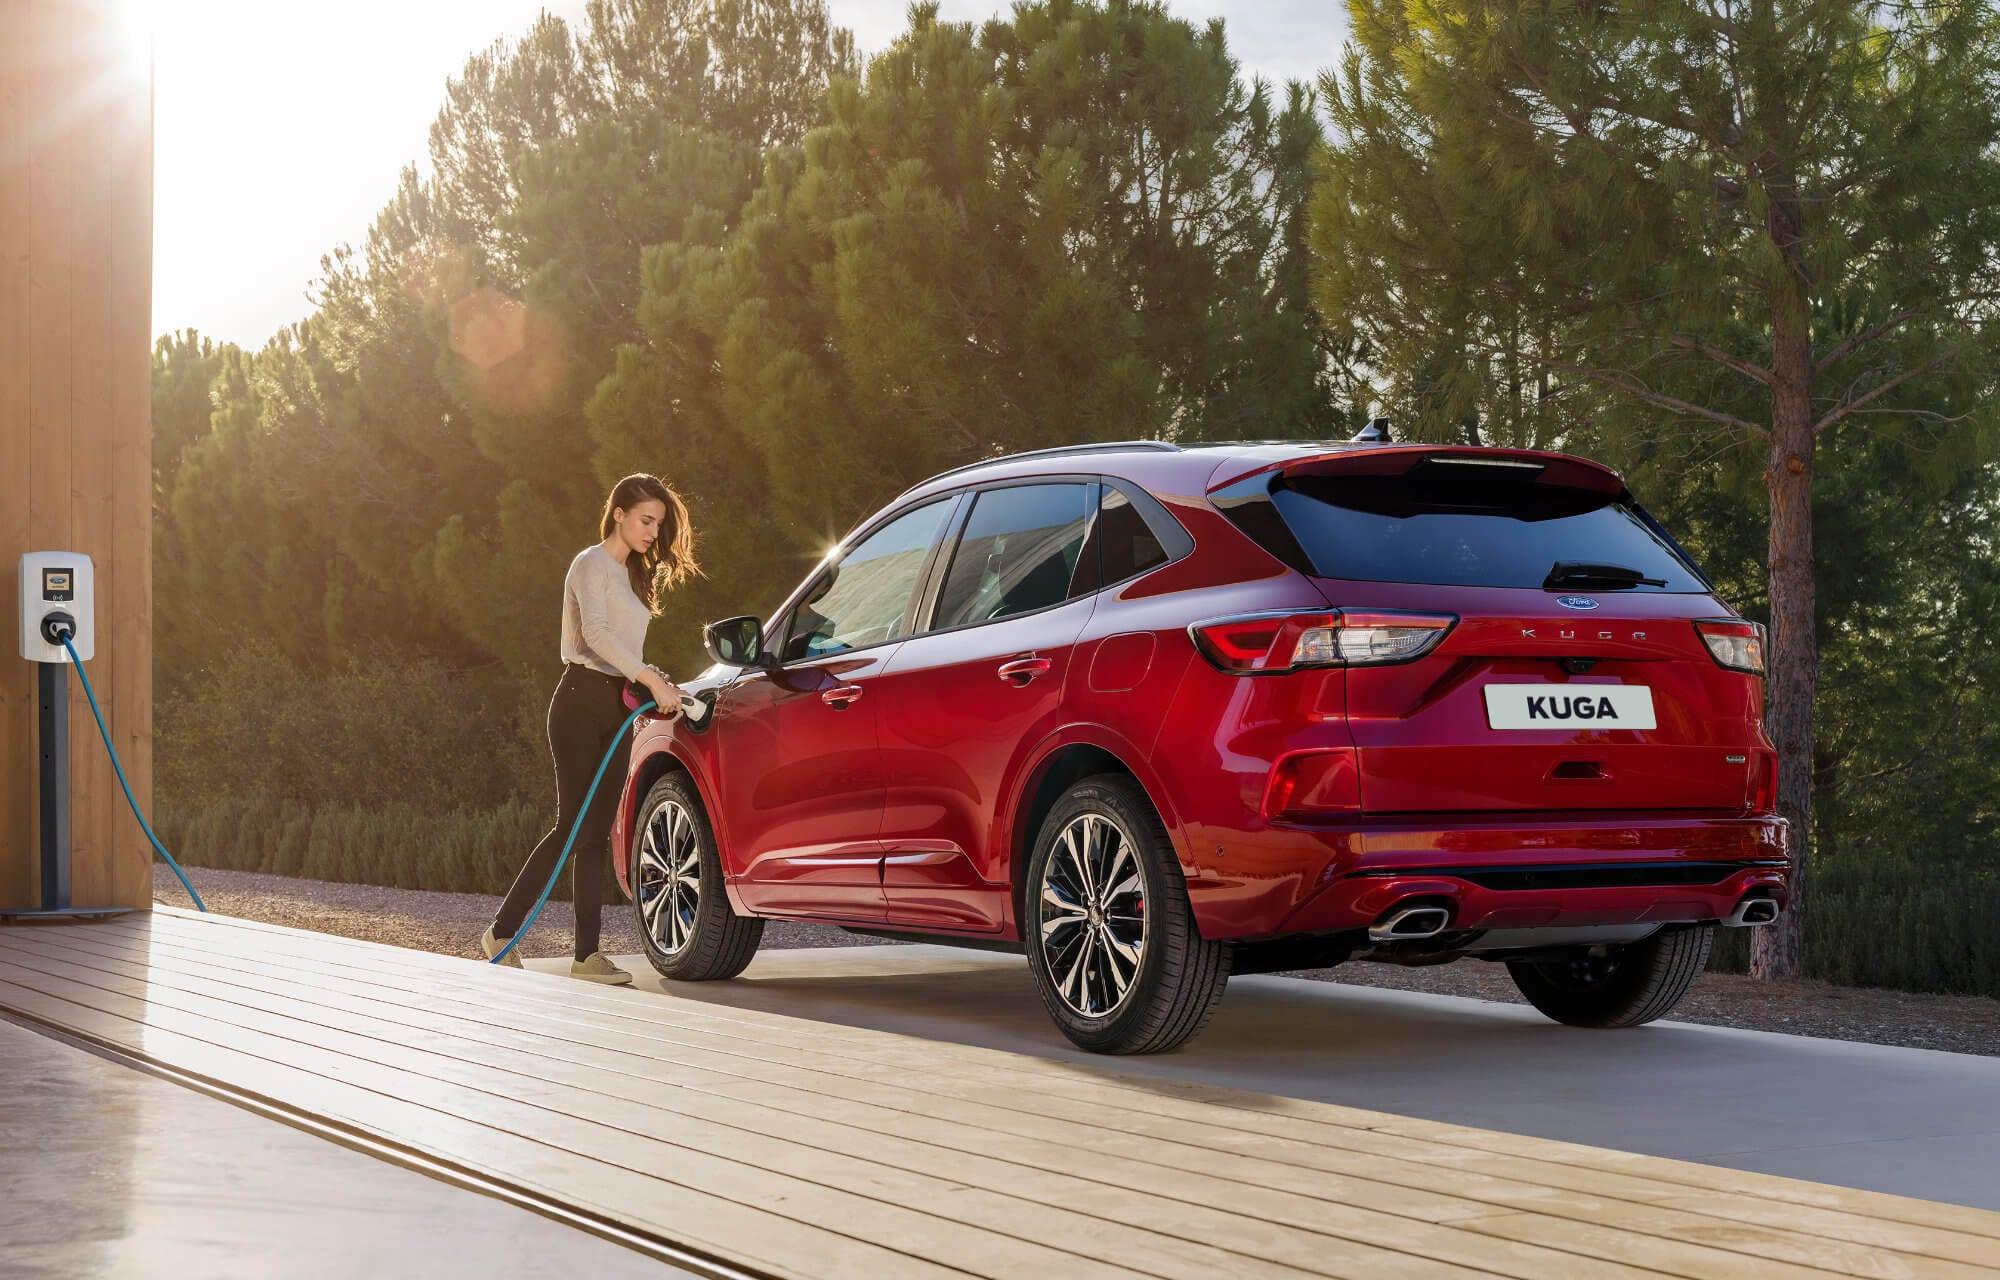 Nieuwe Ford Kuga Plug-in Hybrid (pHEV) beschikbaar vanaf begin 2020